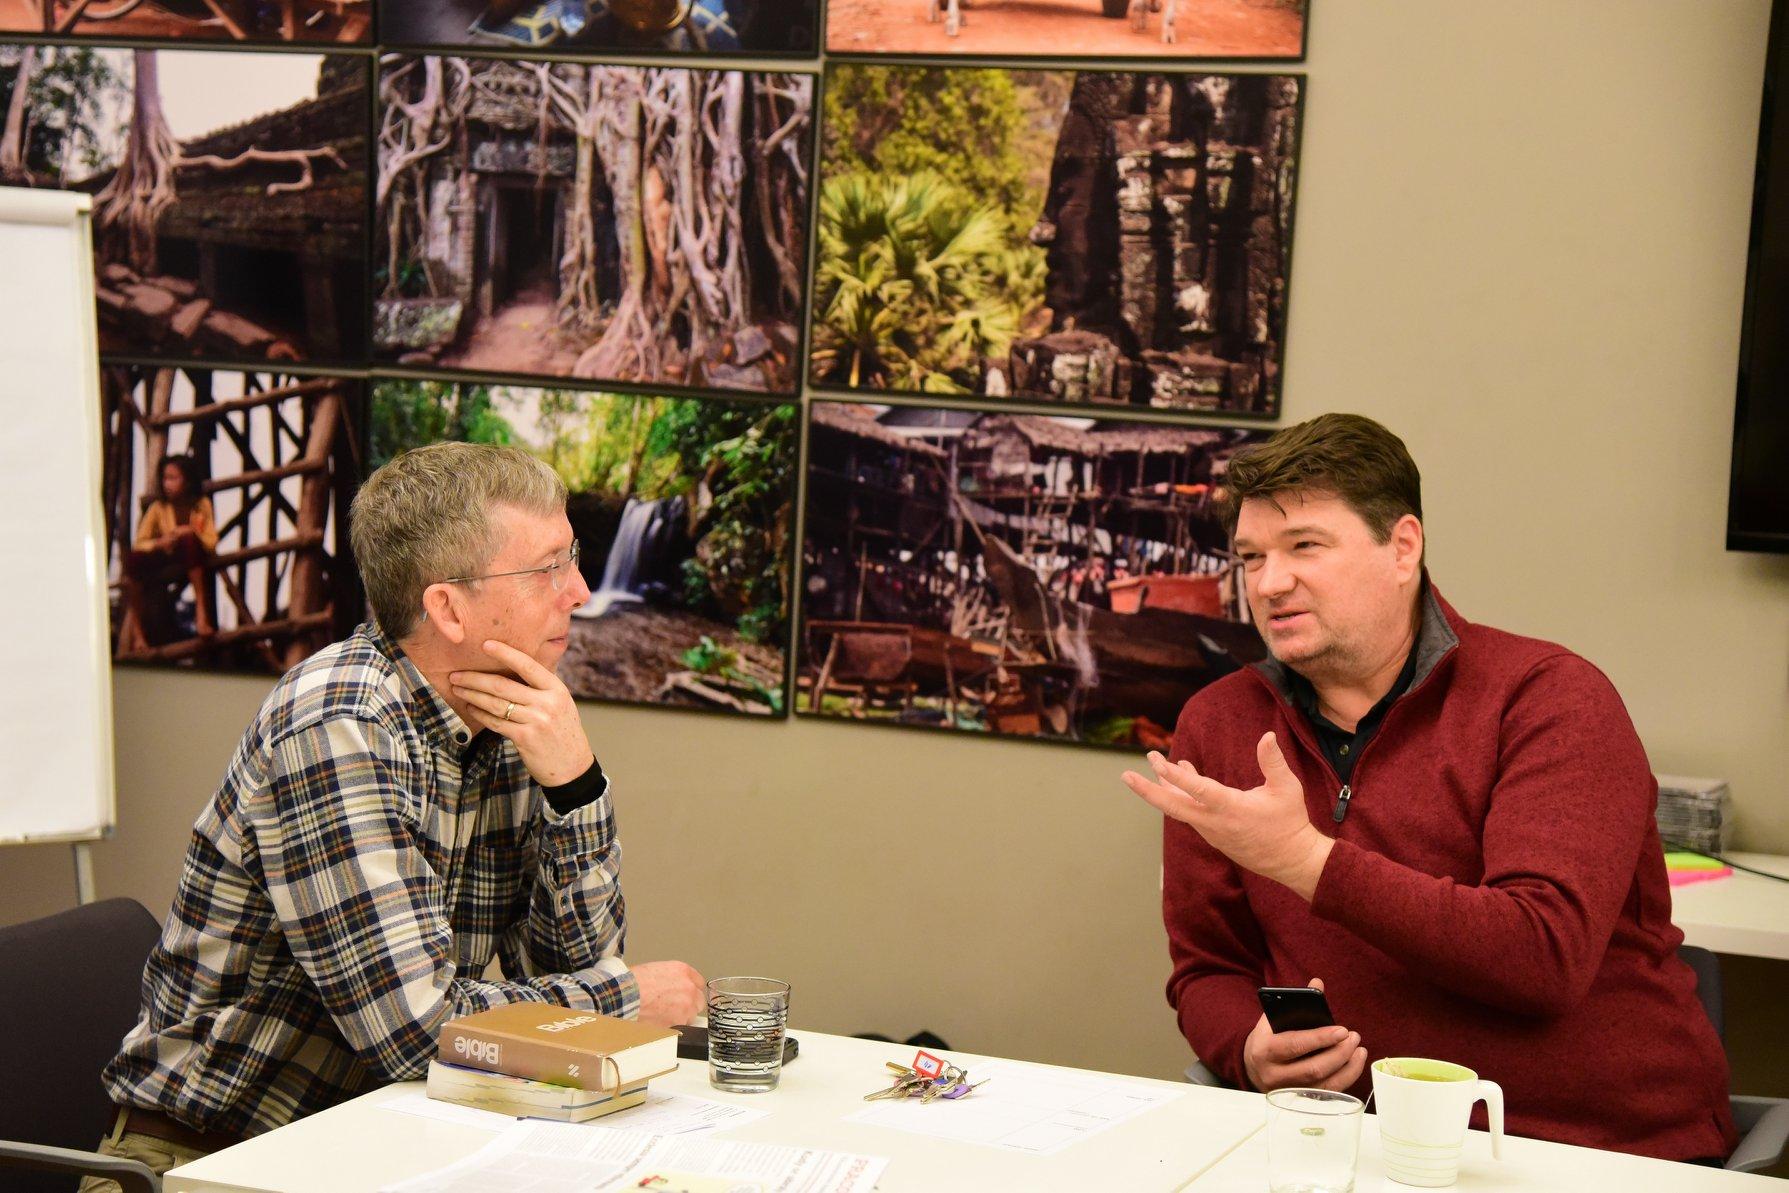 O Rev. Mark Hicks (à direita) conversa com o Rev. Bill Seagren durante uma reunião de pastores metodistas unidos em Praga, em fevereiro de 2020. Foto cedida pela Conferência Anual de Holston.